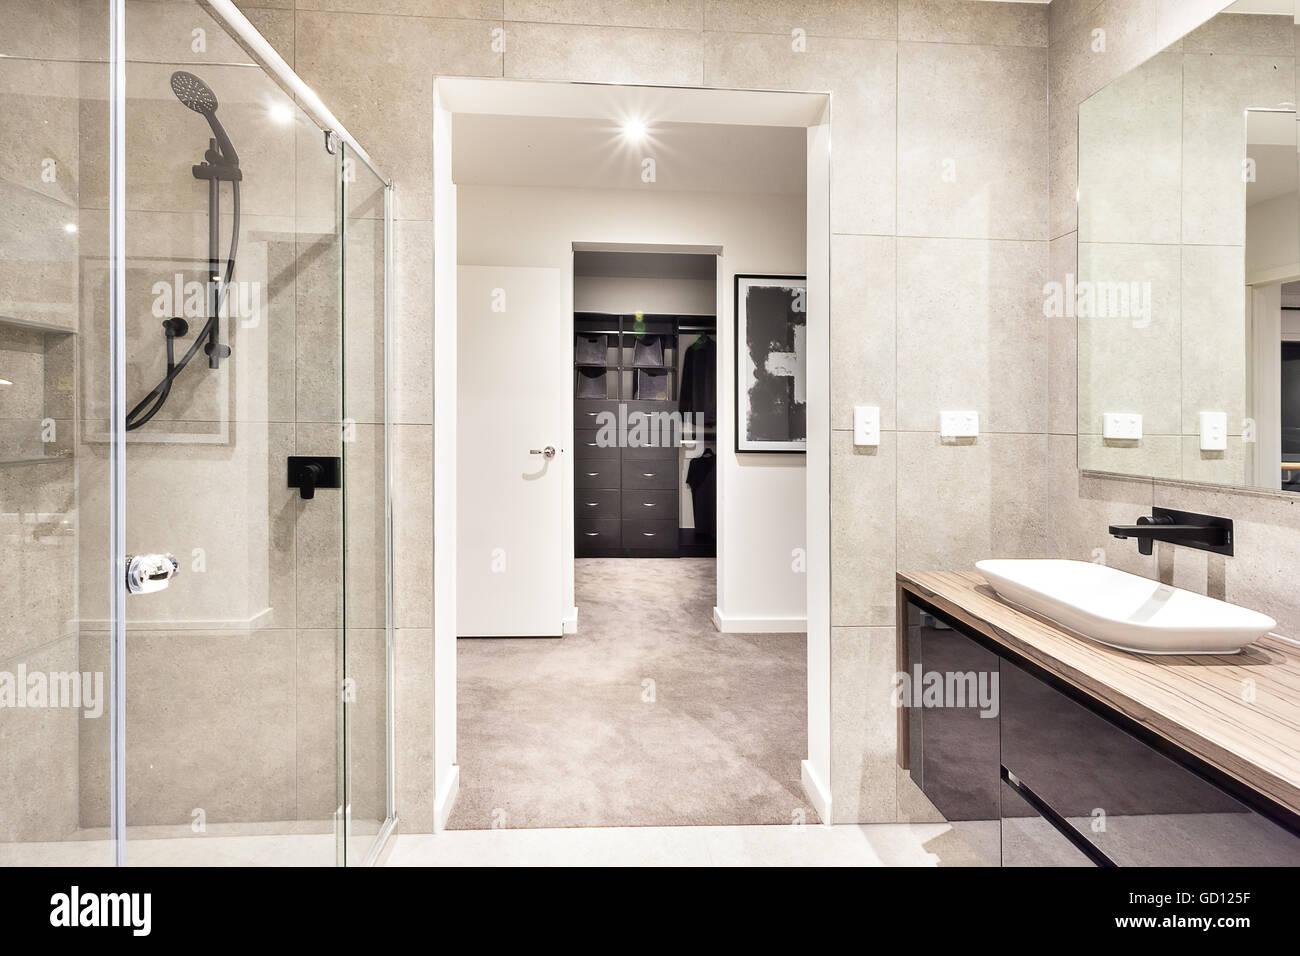 Entrata di una sala lavanderia attraverso il moderno bagno con una ...